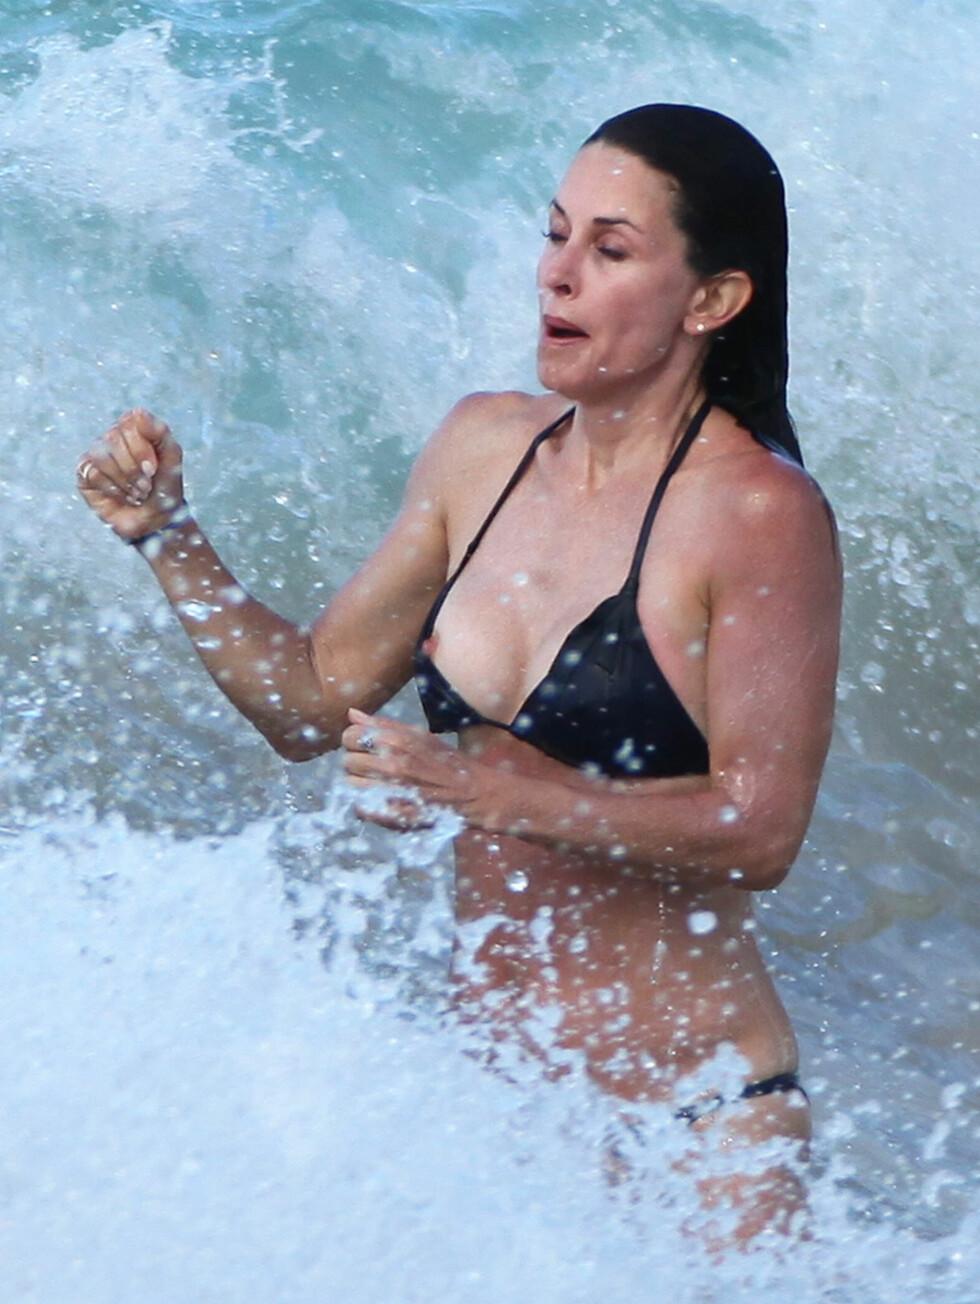 <strong>VISTE ENDA MER:</strong> Og når denne bølgen kom, gikk bikinien enda mer ut av posisjon... Foto: All Over Press